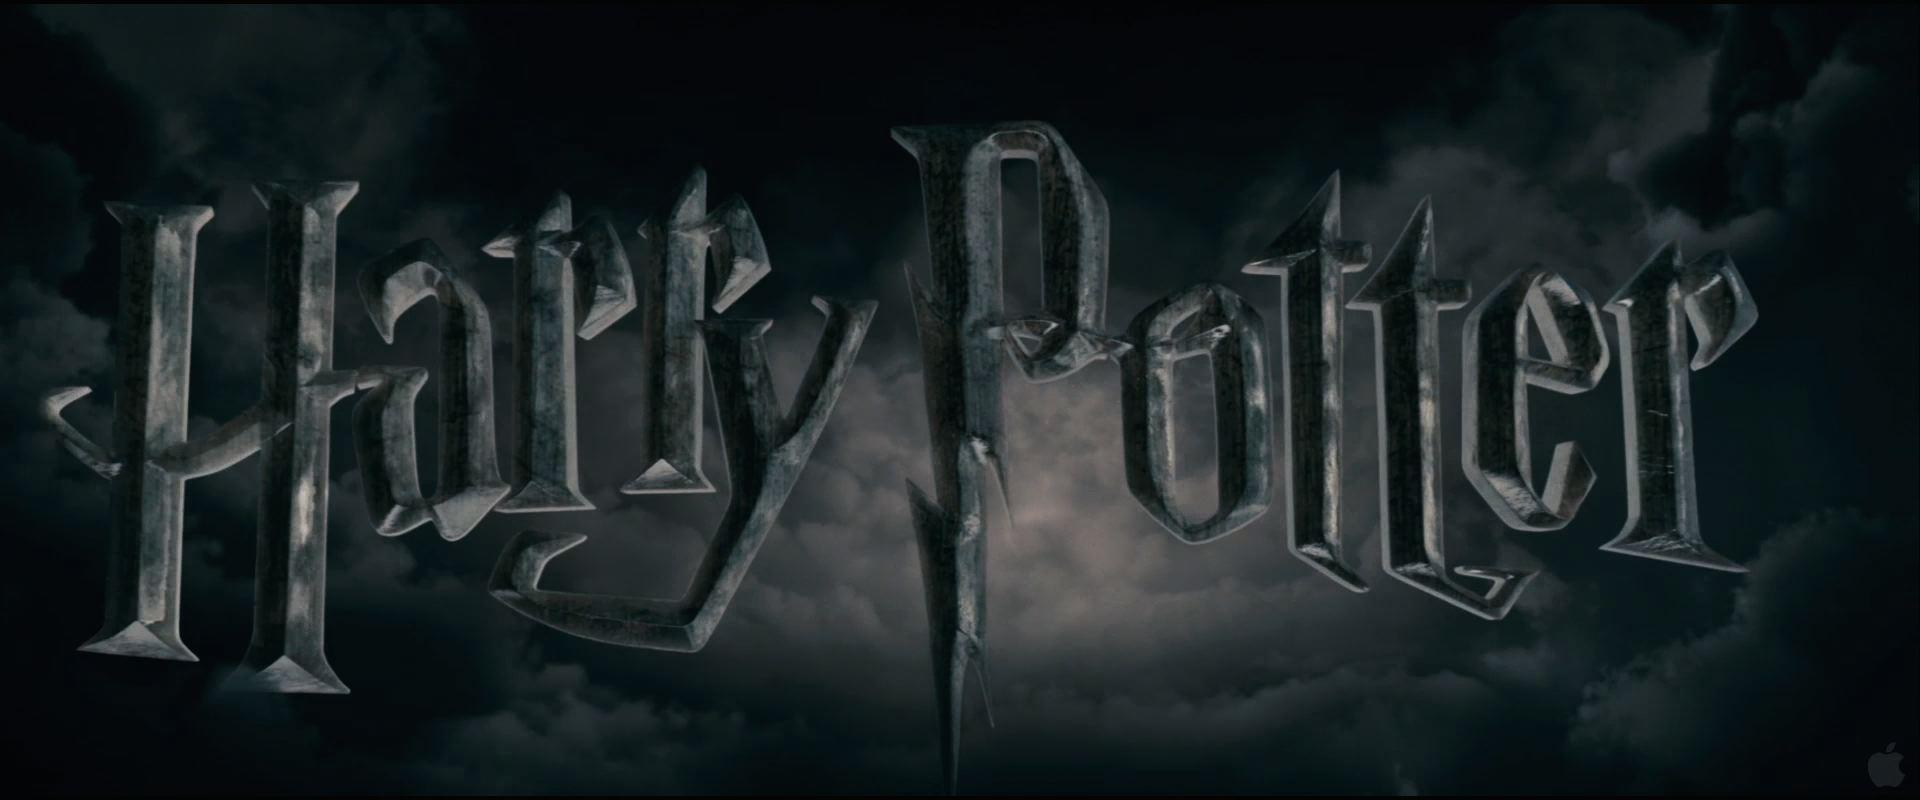 harry potter movie logo desktop wallpaper